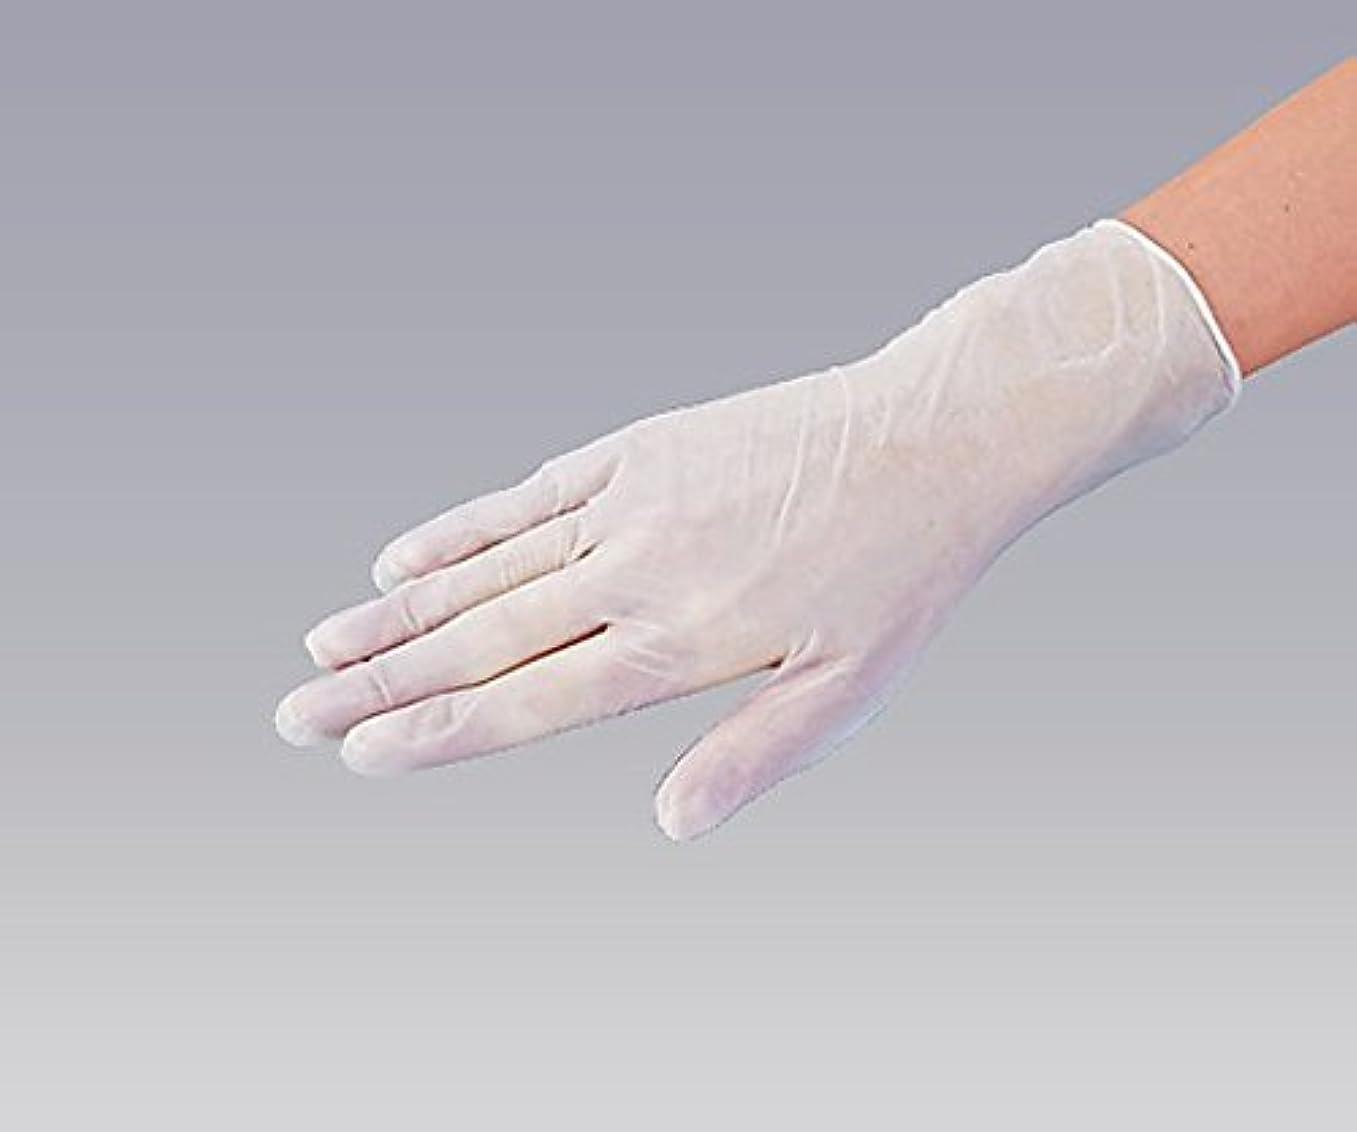 アイスクリーム非武装化戦士ナビス(アズワン)0-9868-02プラスチック手袋パウダー無M100入